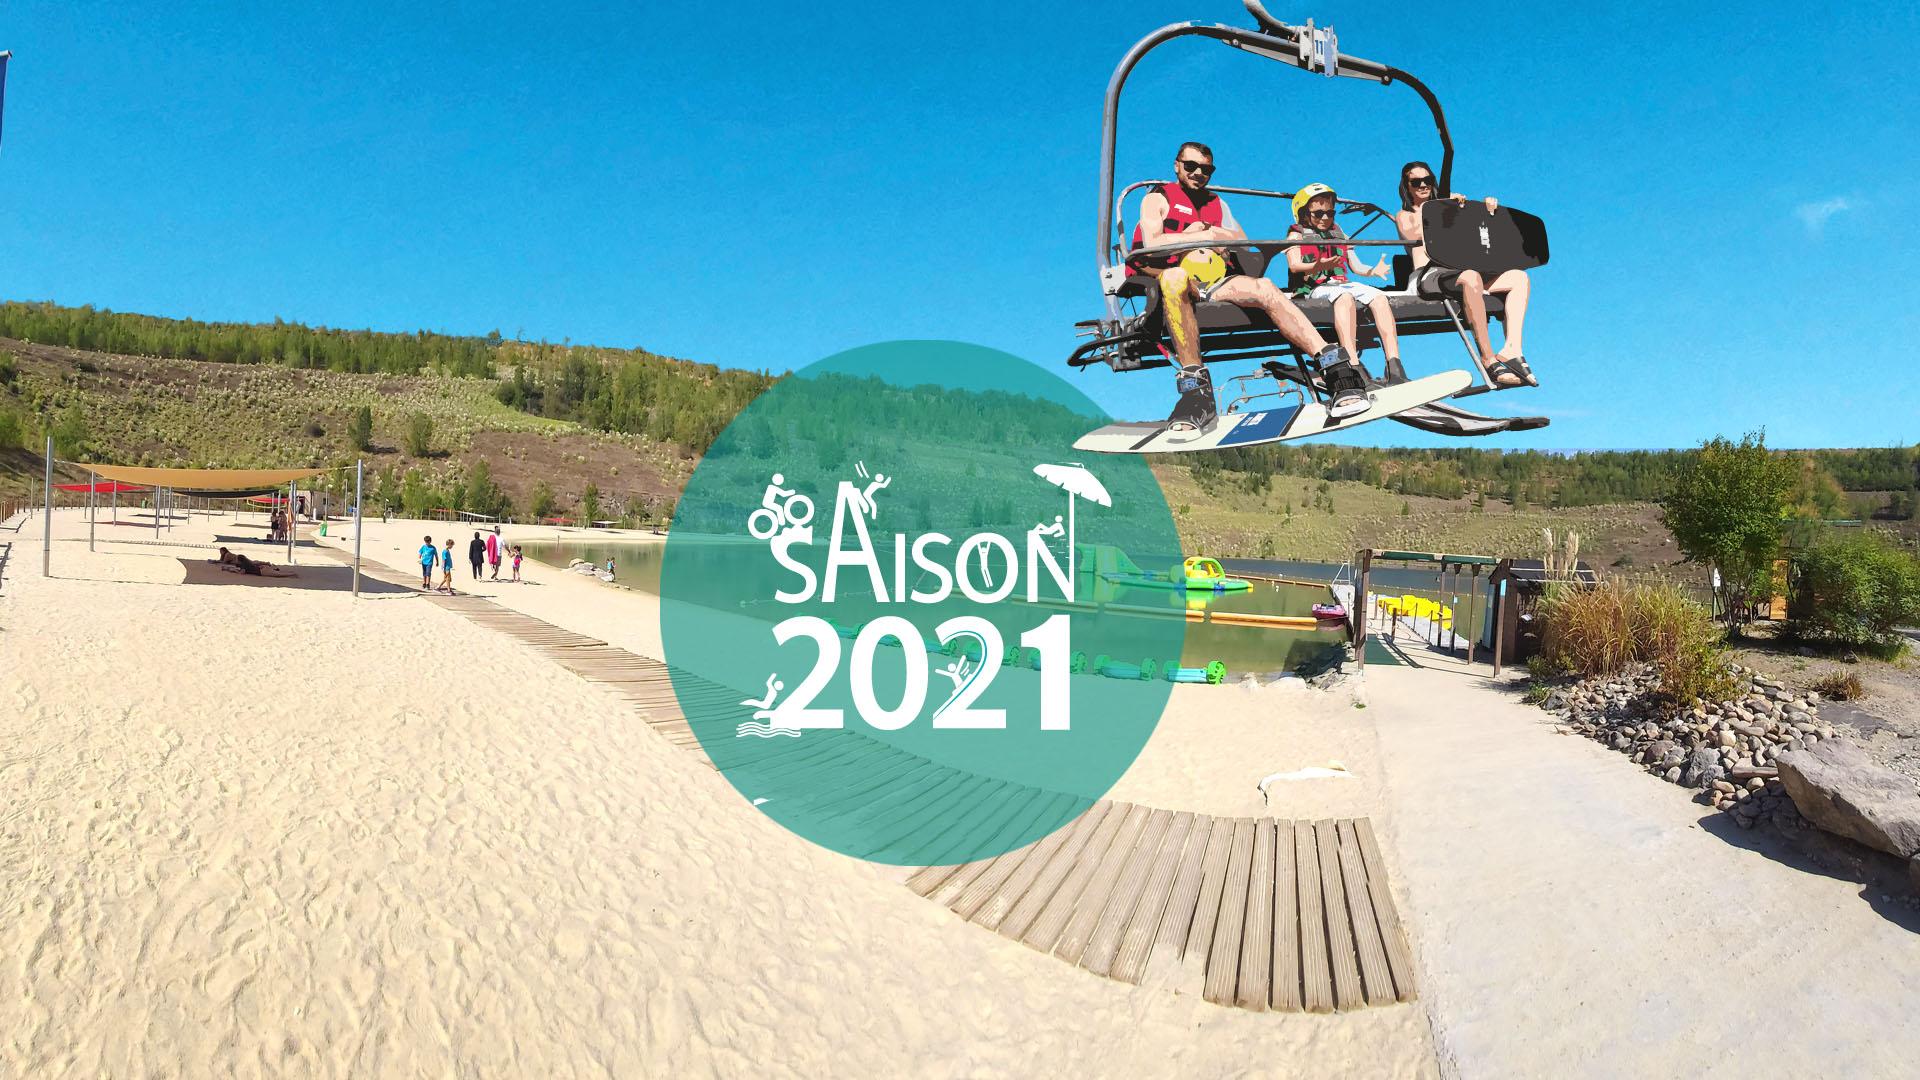 plage de Cap'Découverte activités estivales 2021